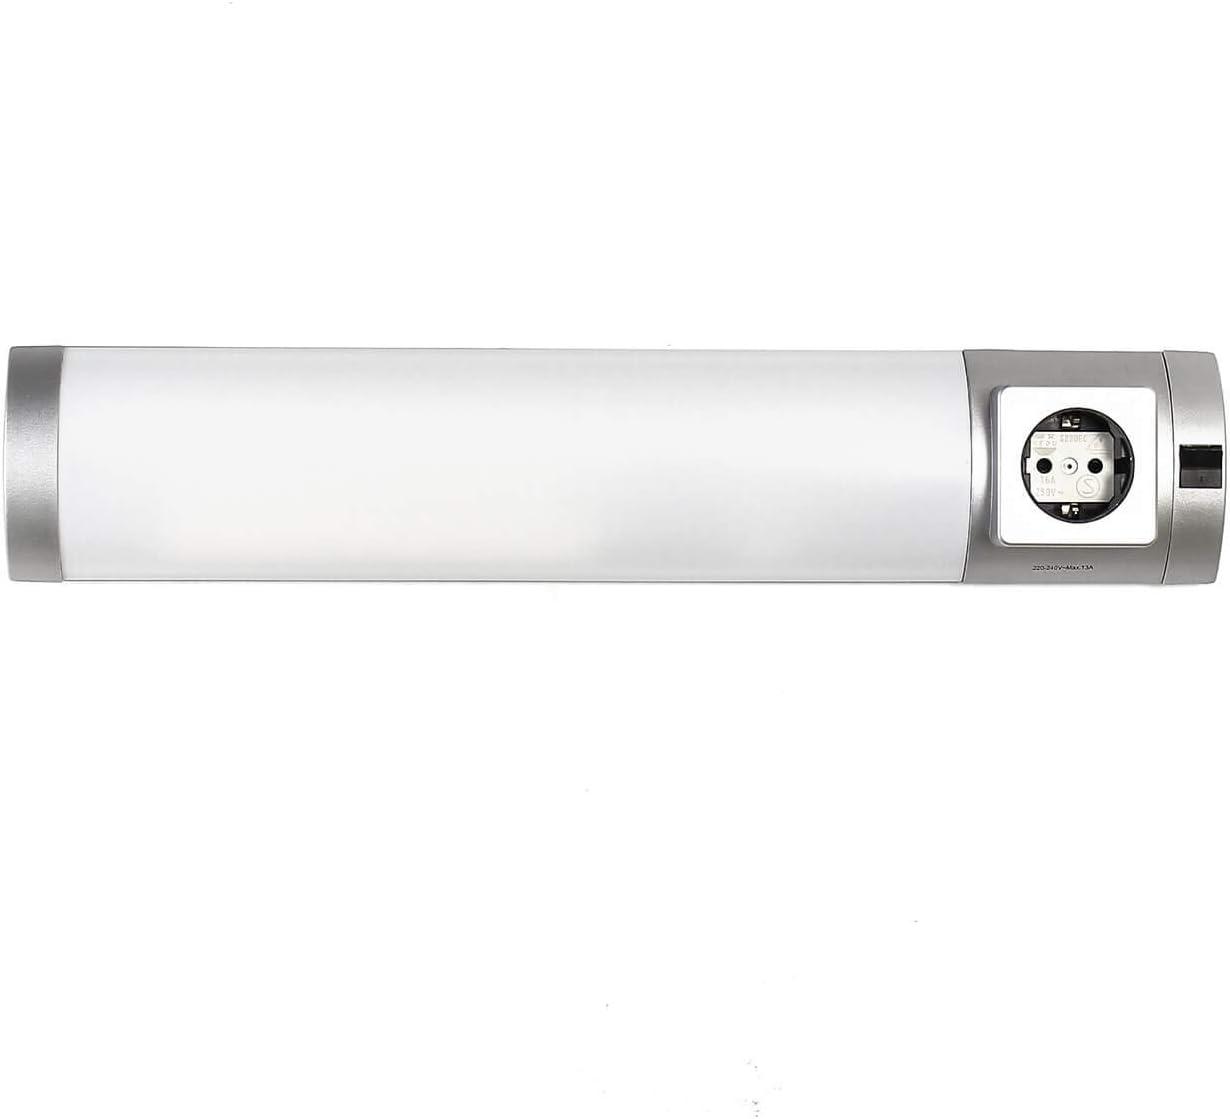 LED Unterbauleuchte mit Steckdose Schalter Wandleuchte Badezimmer Küche  Beleuchtung